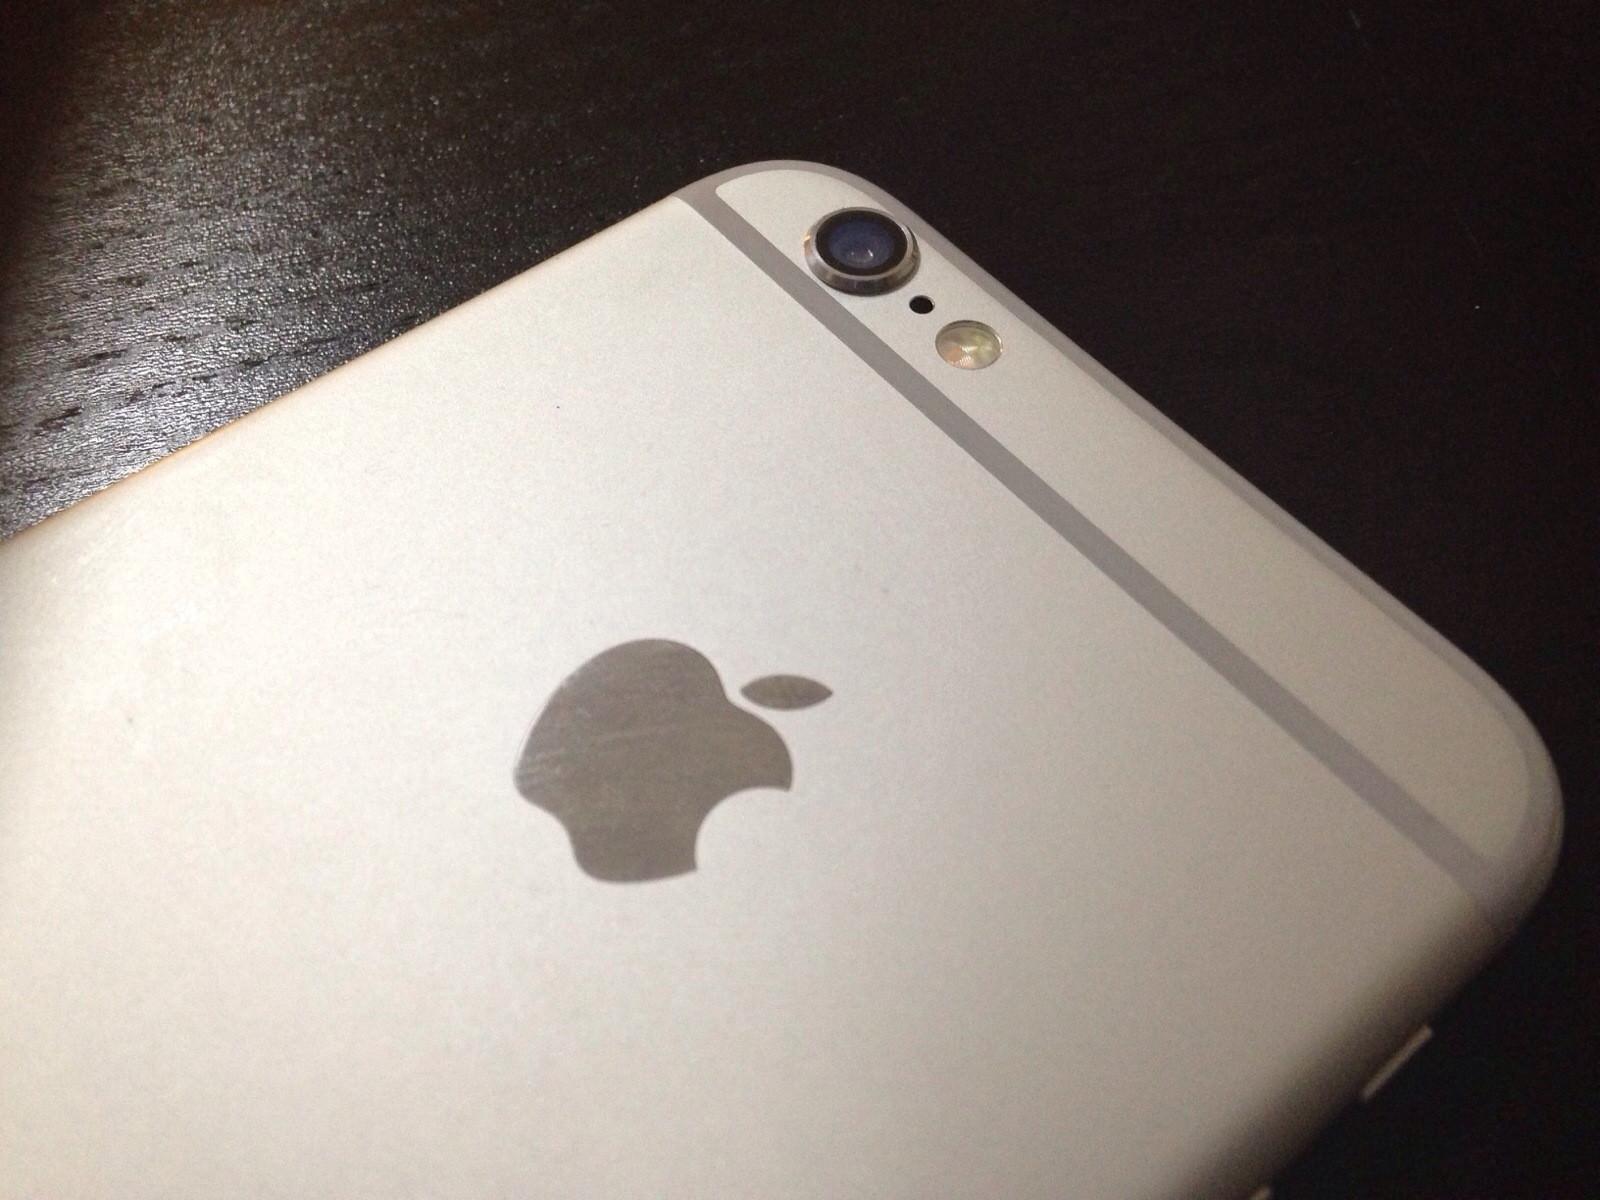 IPhone6 jikkileakphoto 08